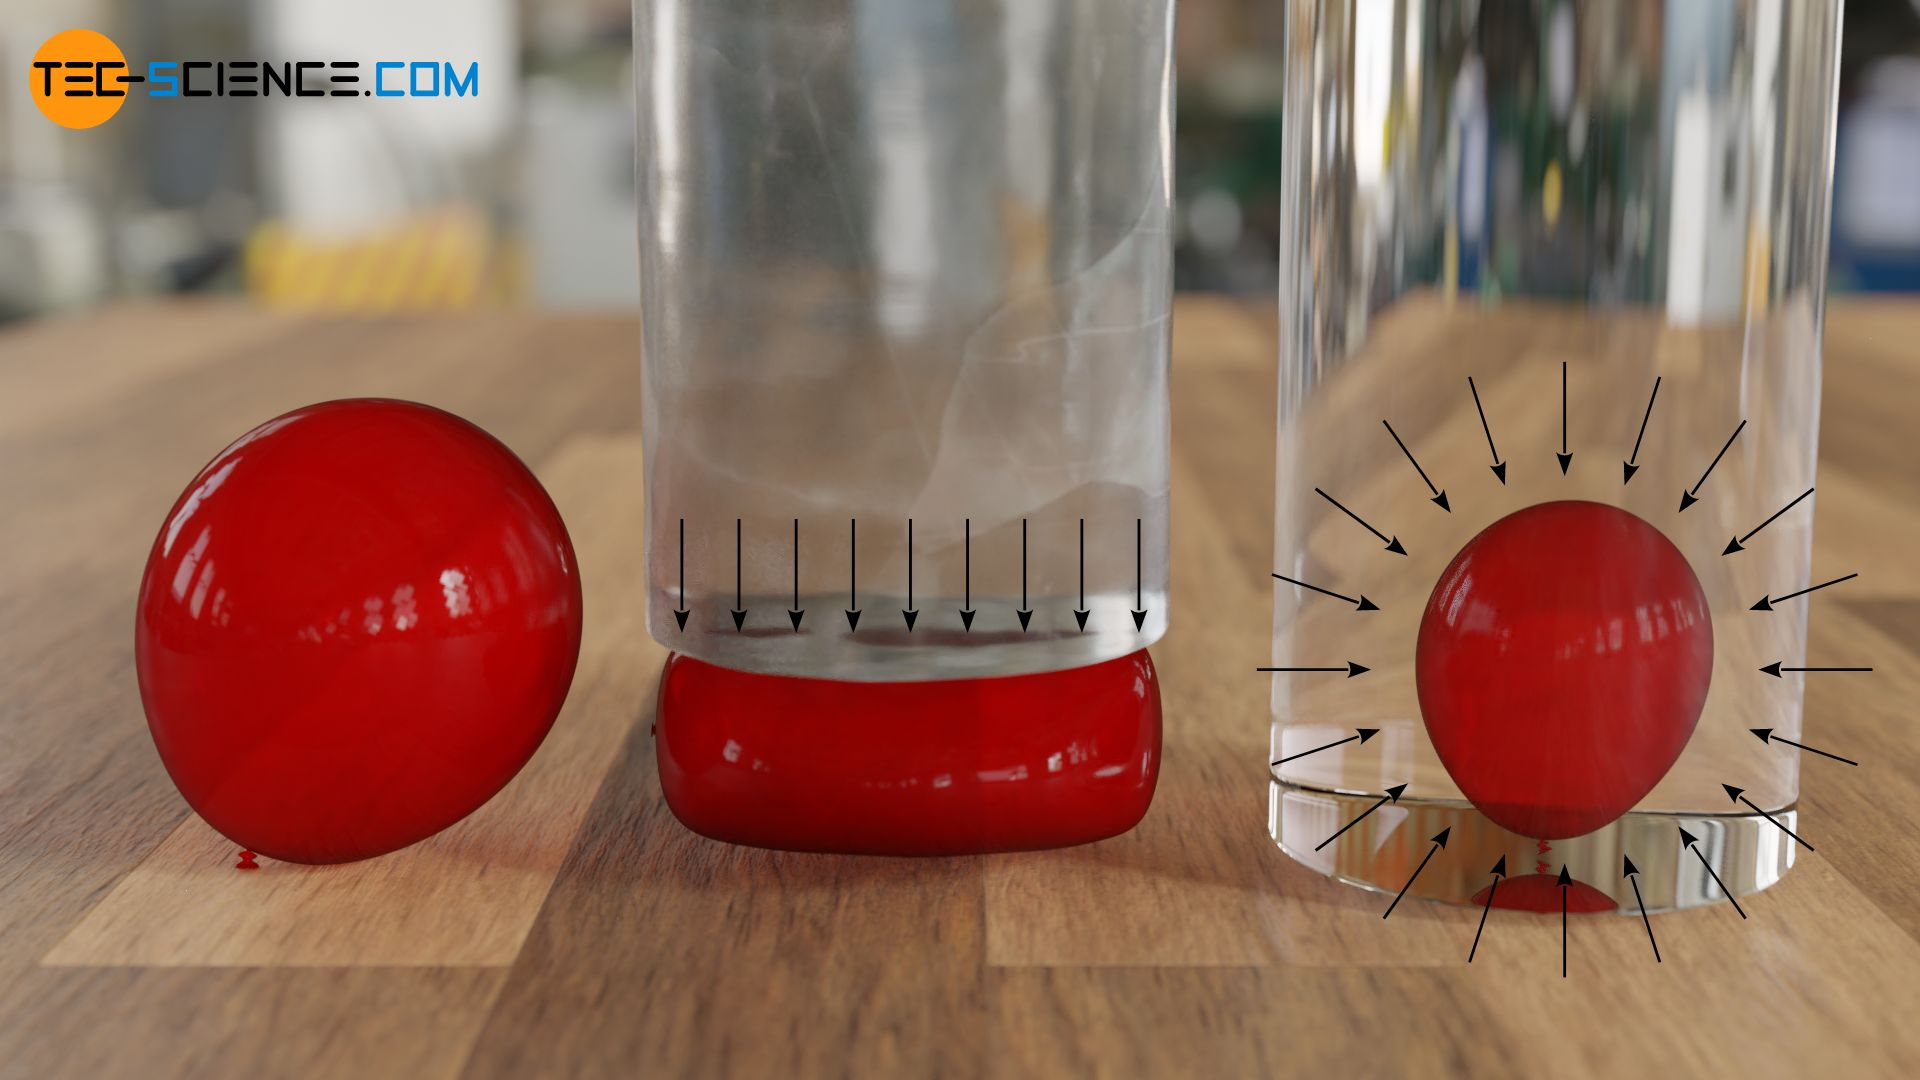 Druckwirkung des hydrostatischen Drucks im Vergleich zum Auflagedruck